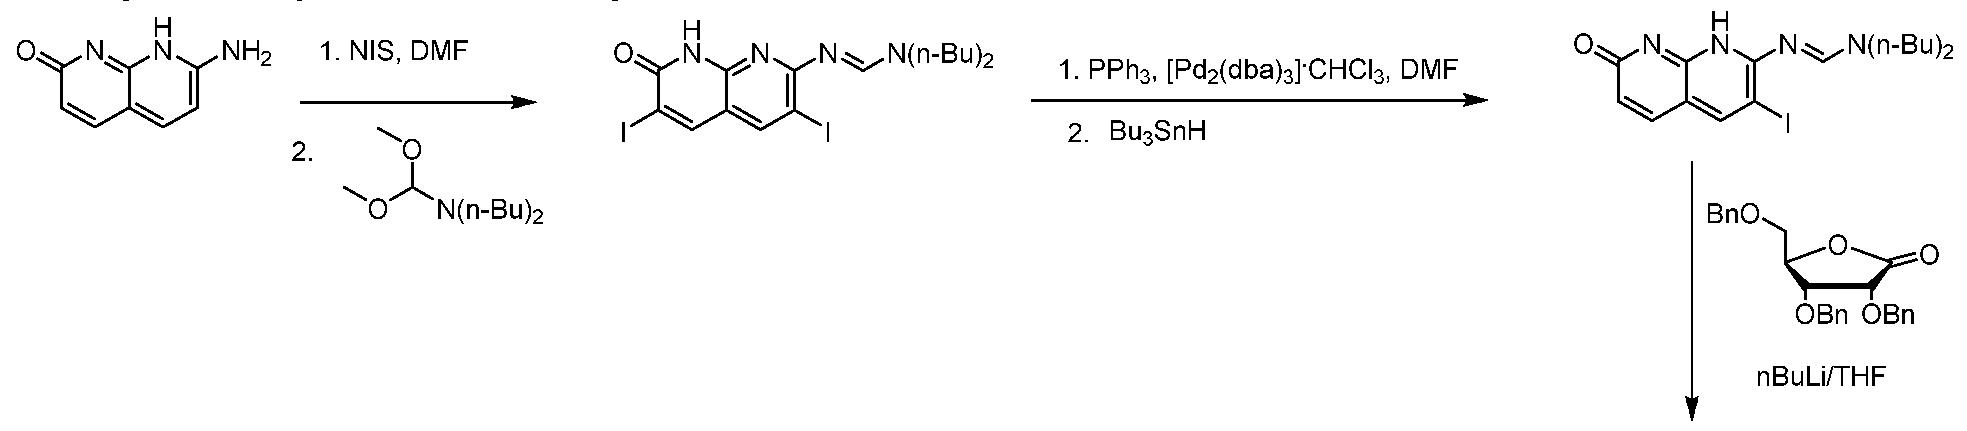 Figure imgf000268_0002